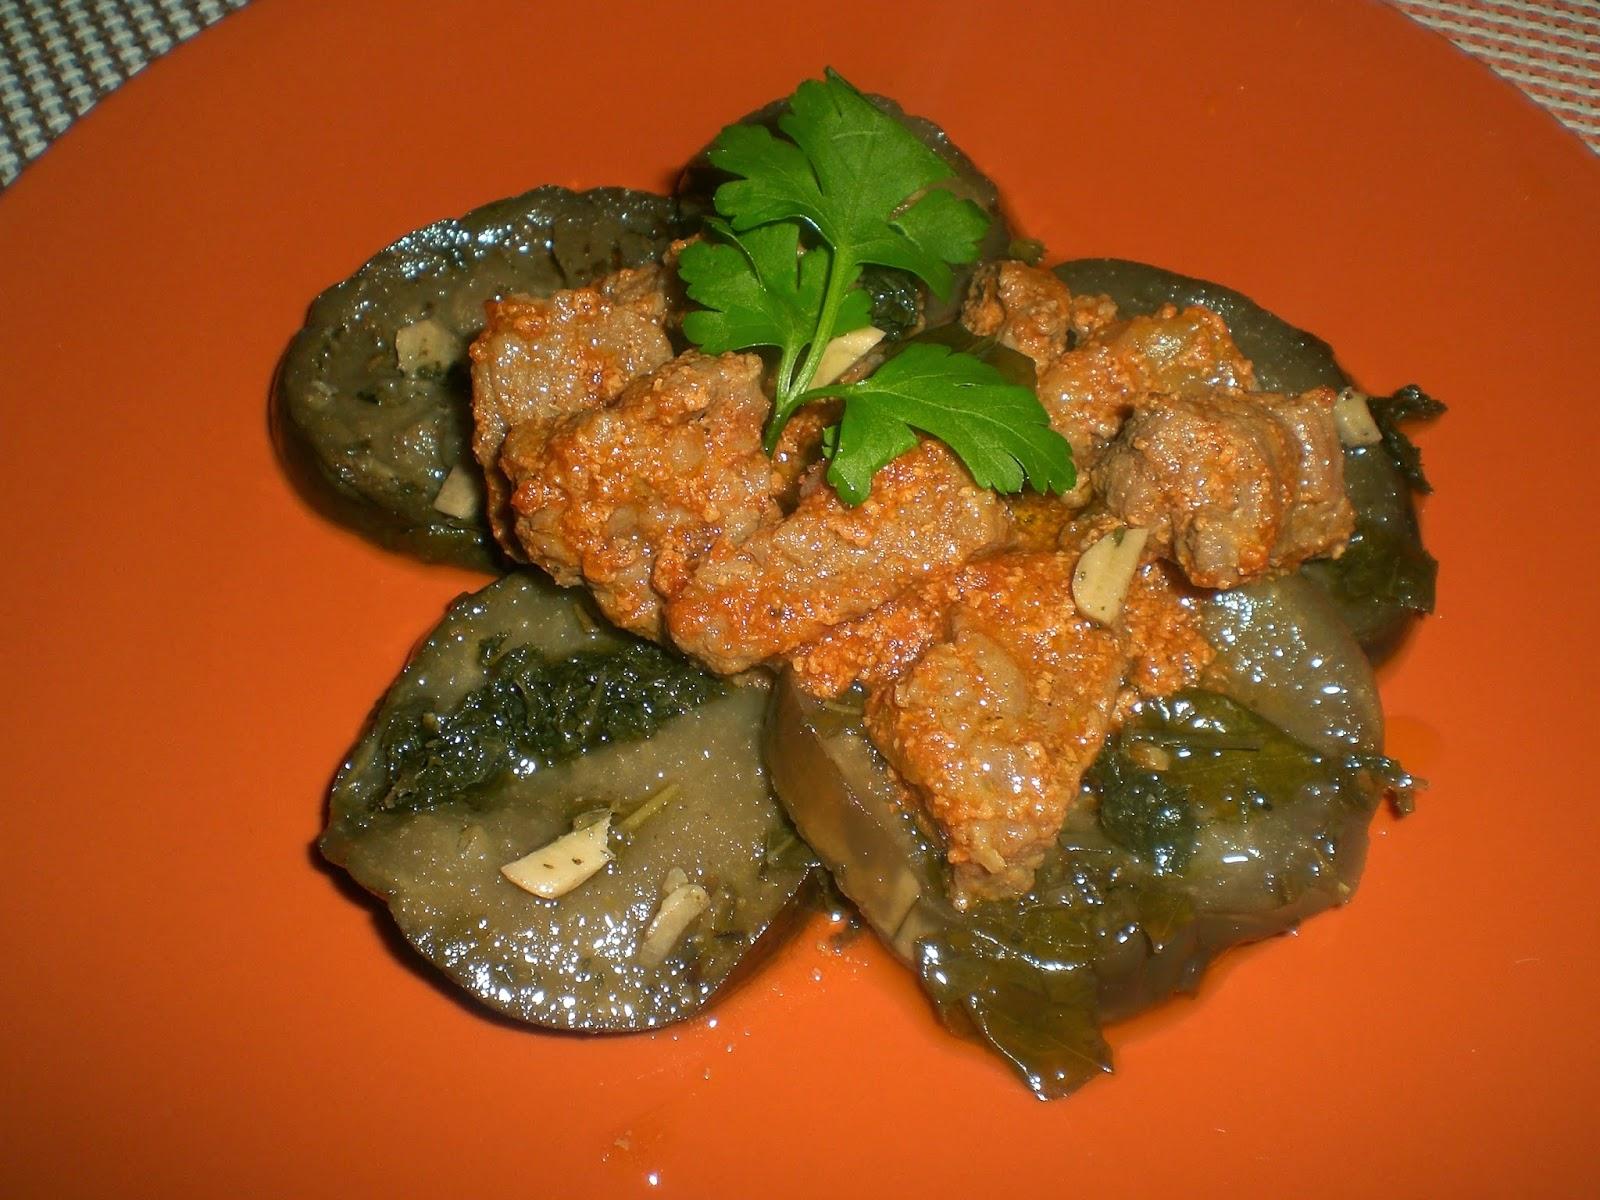 bocconcini di sorana con melanzane all'aglio e prezzemolo e gherigli di noce